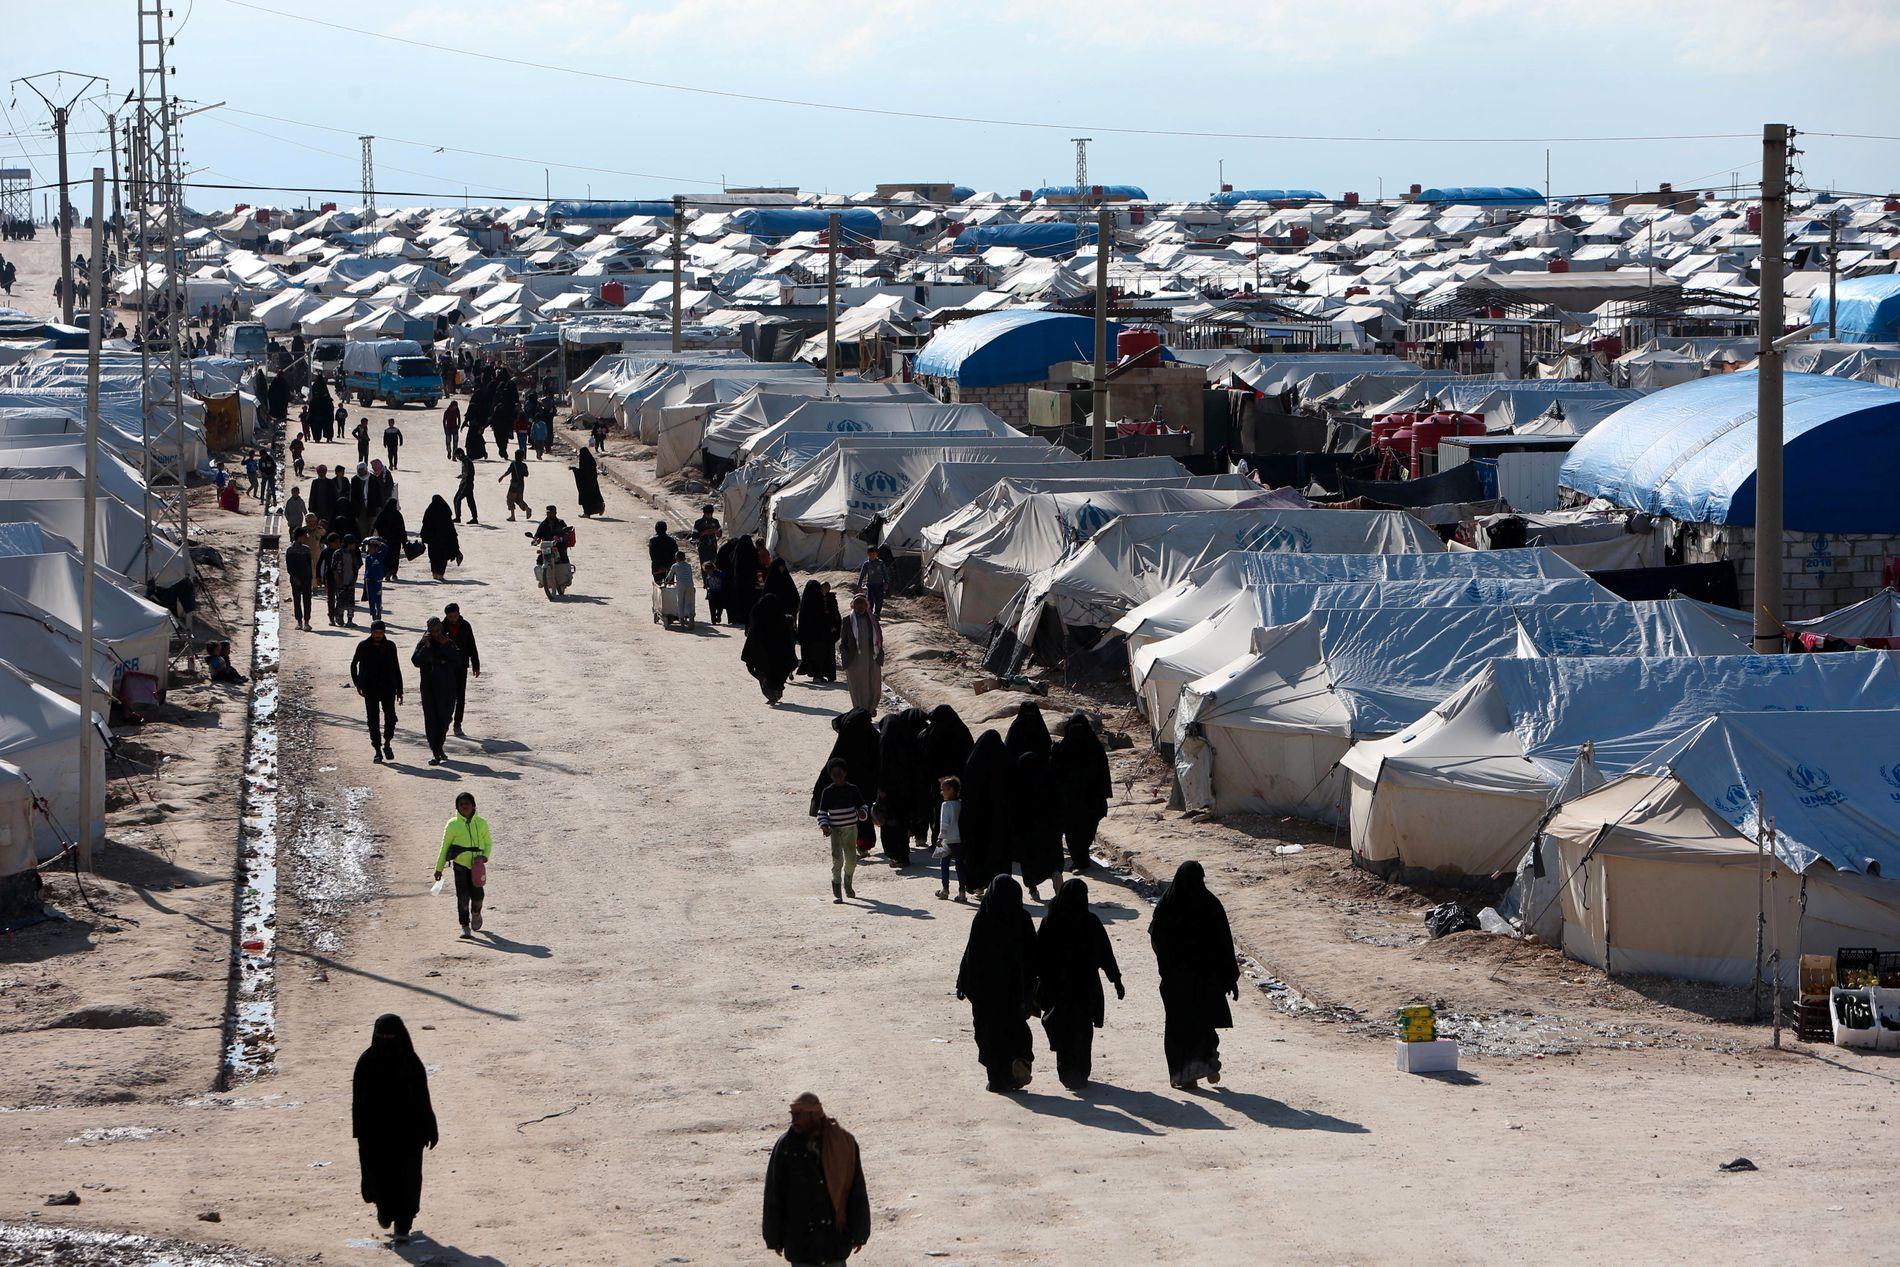 ENORM LEIR: Al-Hol huset inntil nylig i overkant av 10.000 personer. Nå bør nær 78.000 mennesker der.